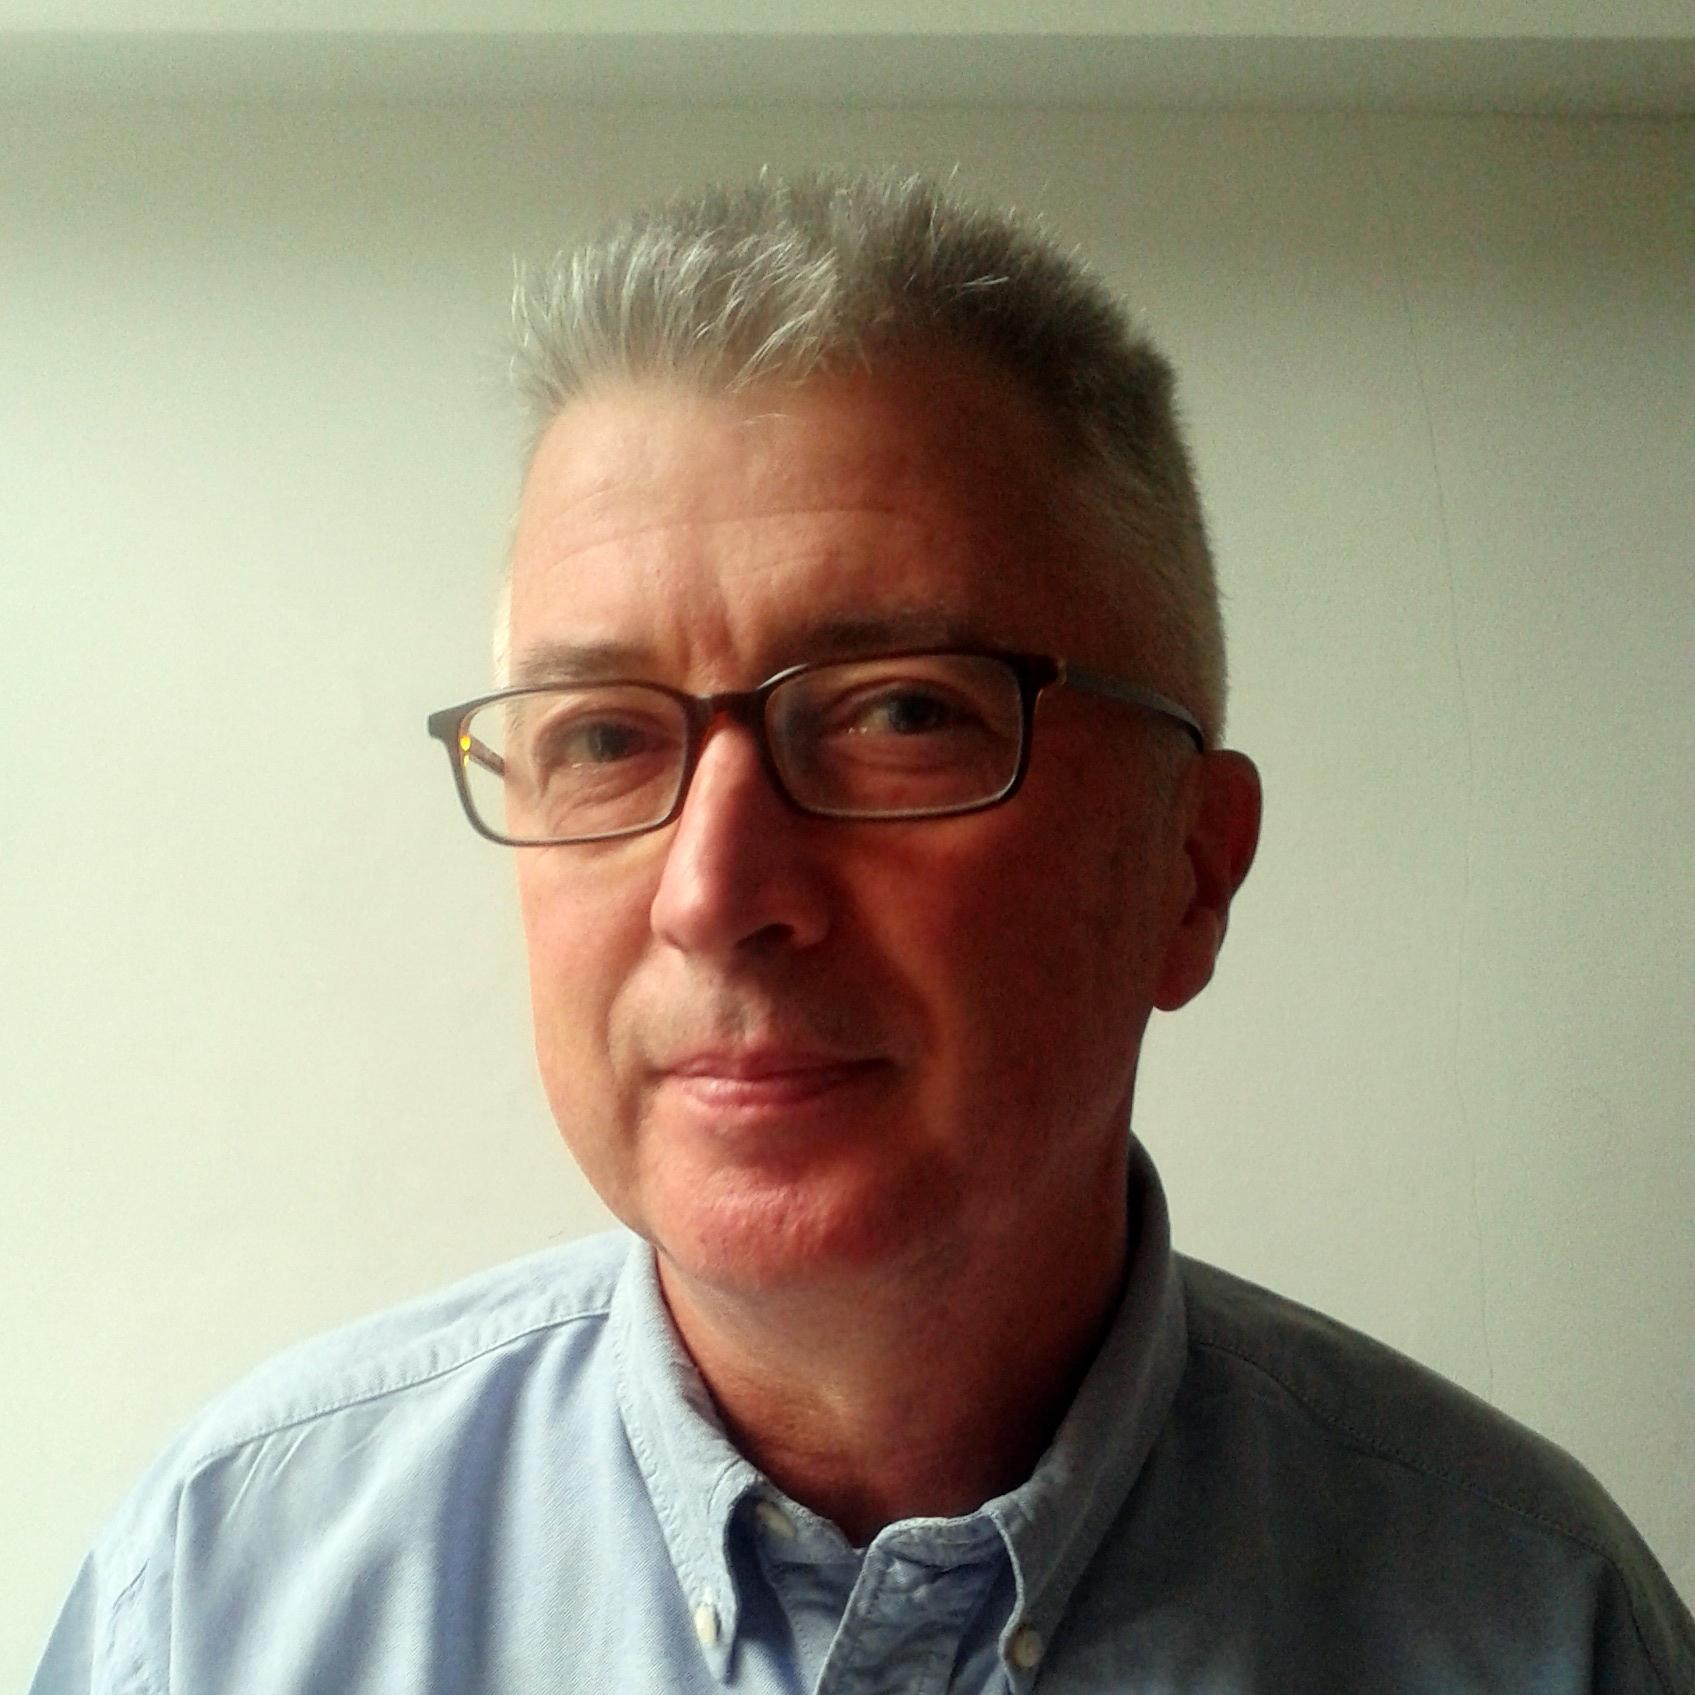 James Hobbs